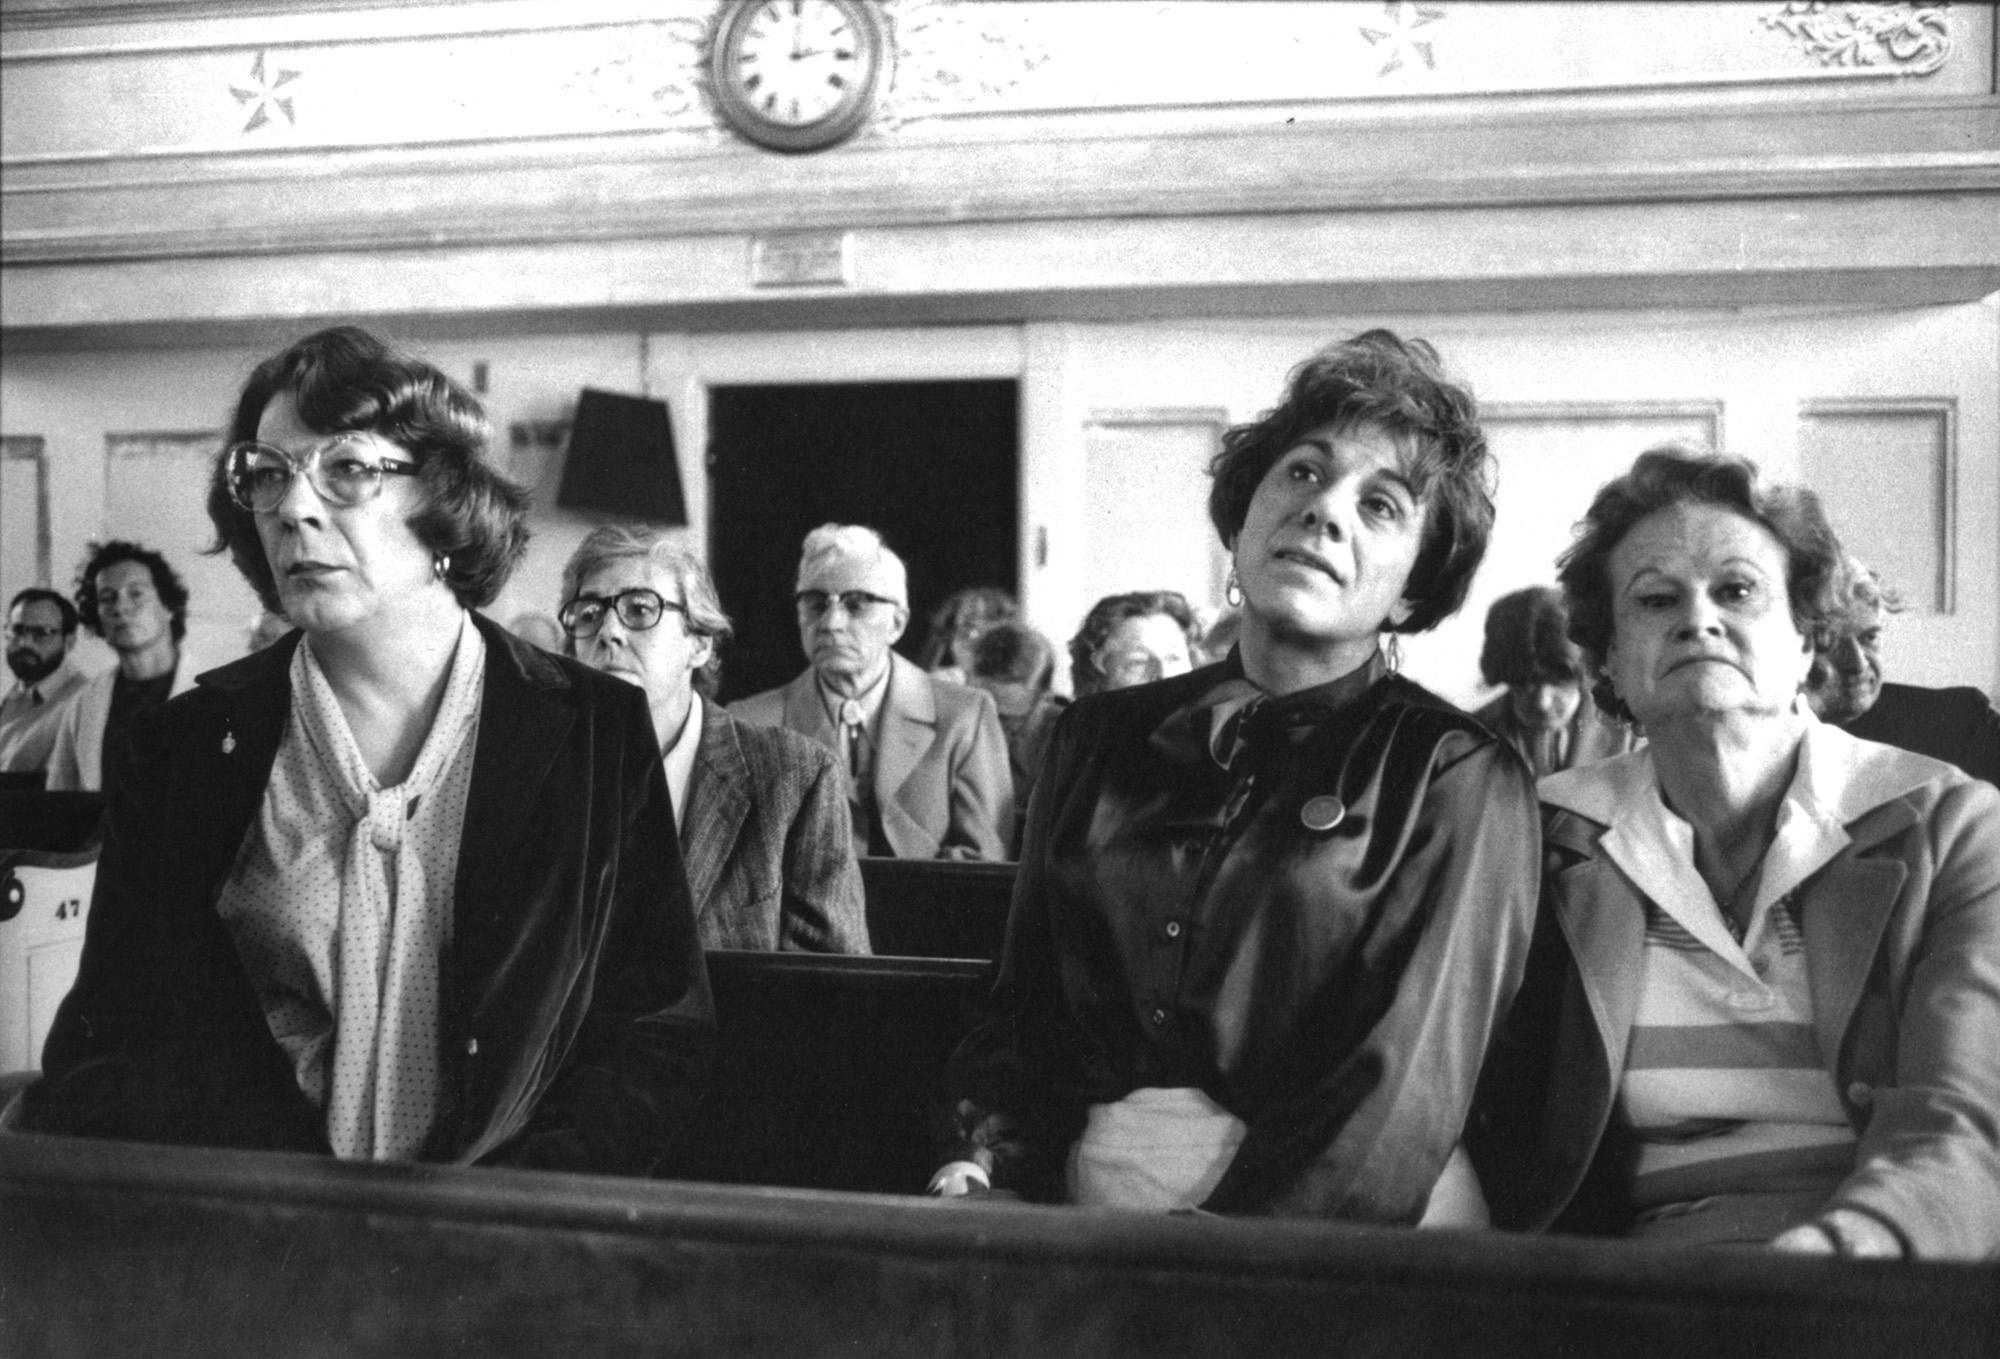 Maxine, Ariadne, and Virginia at the Unitarian Church, Provincetown, MA